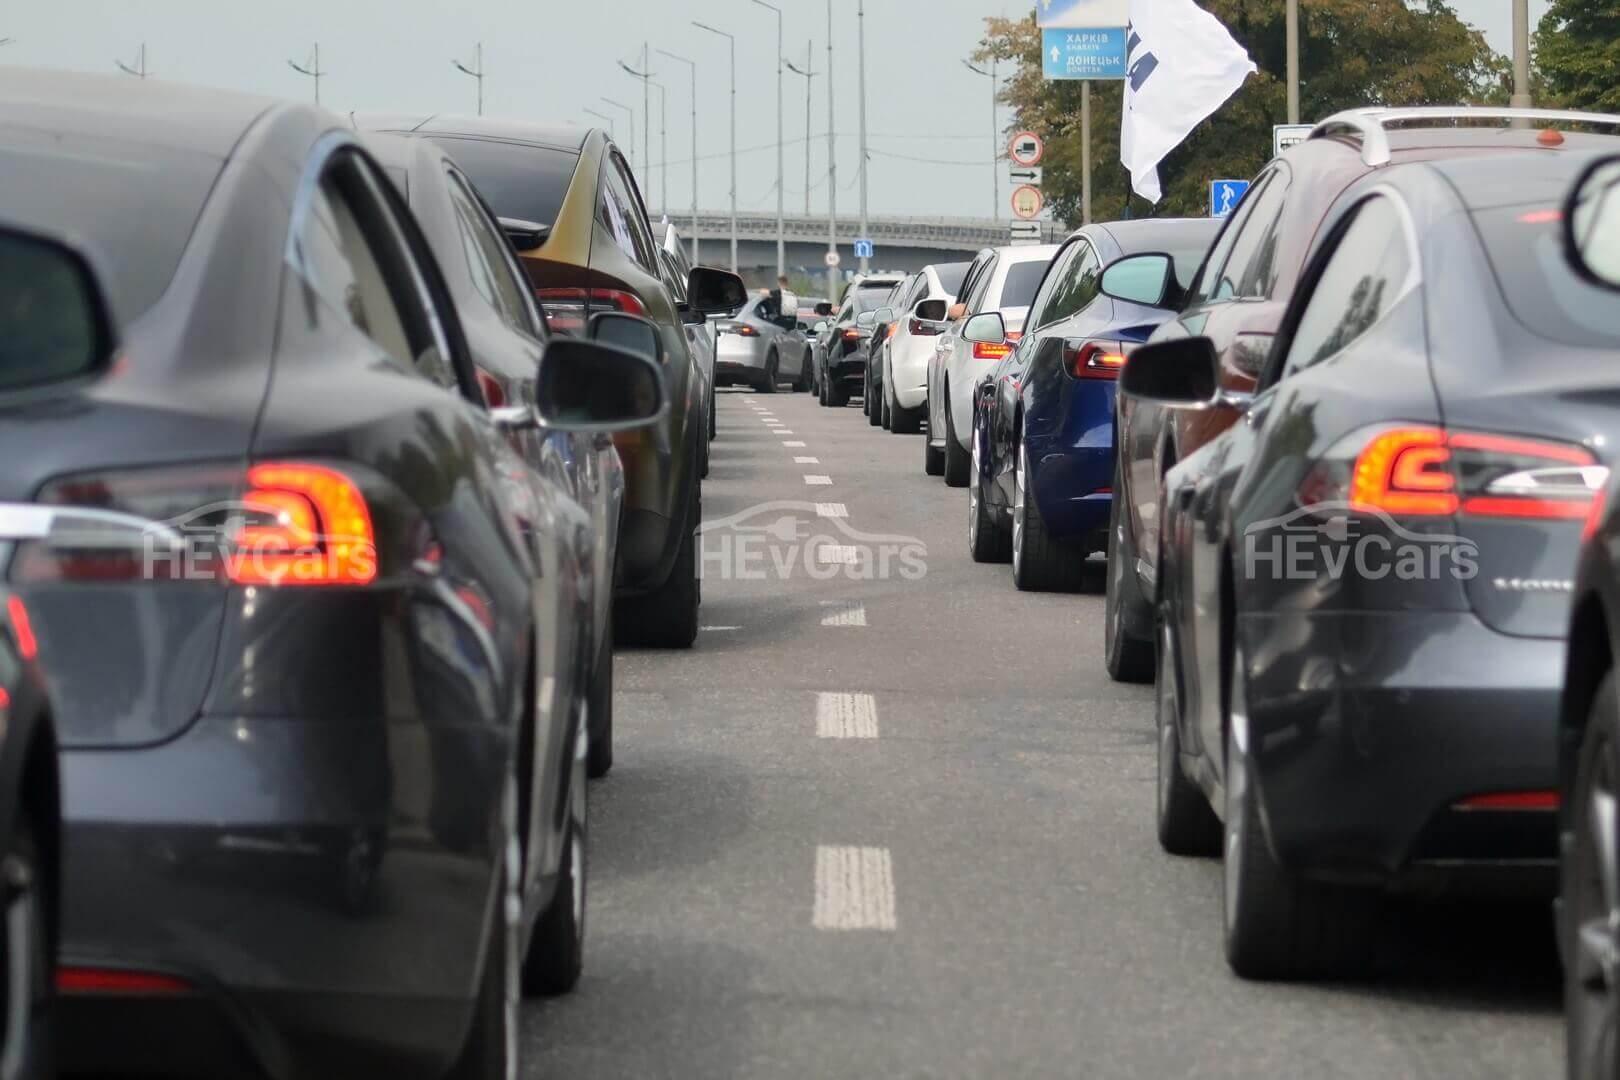 Самый крупный автопробег электромобилей Tesla в Украине